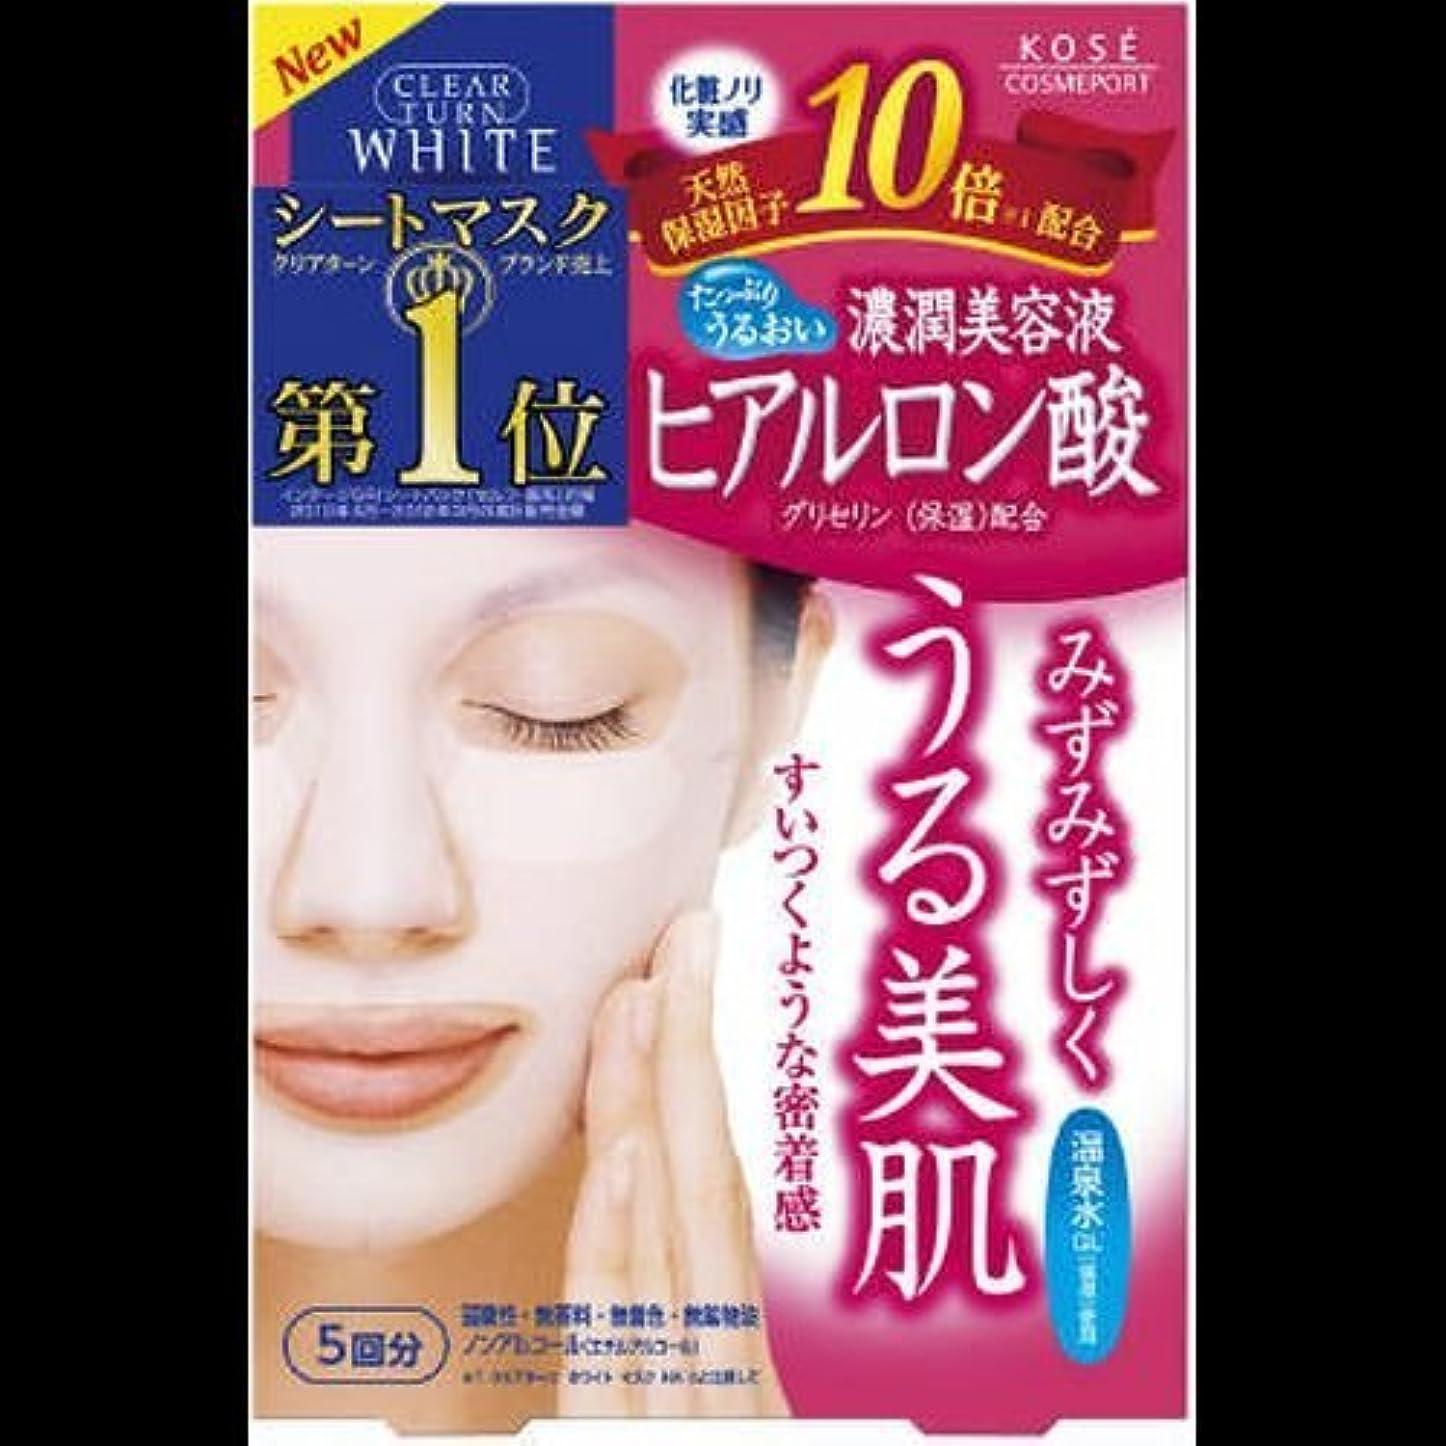 仕方精緻化ファッションクリアターン ホワイトマスク ヒアルロン酸 5回分 ×2セット